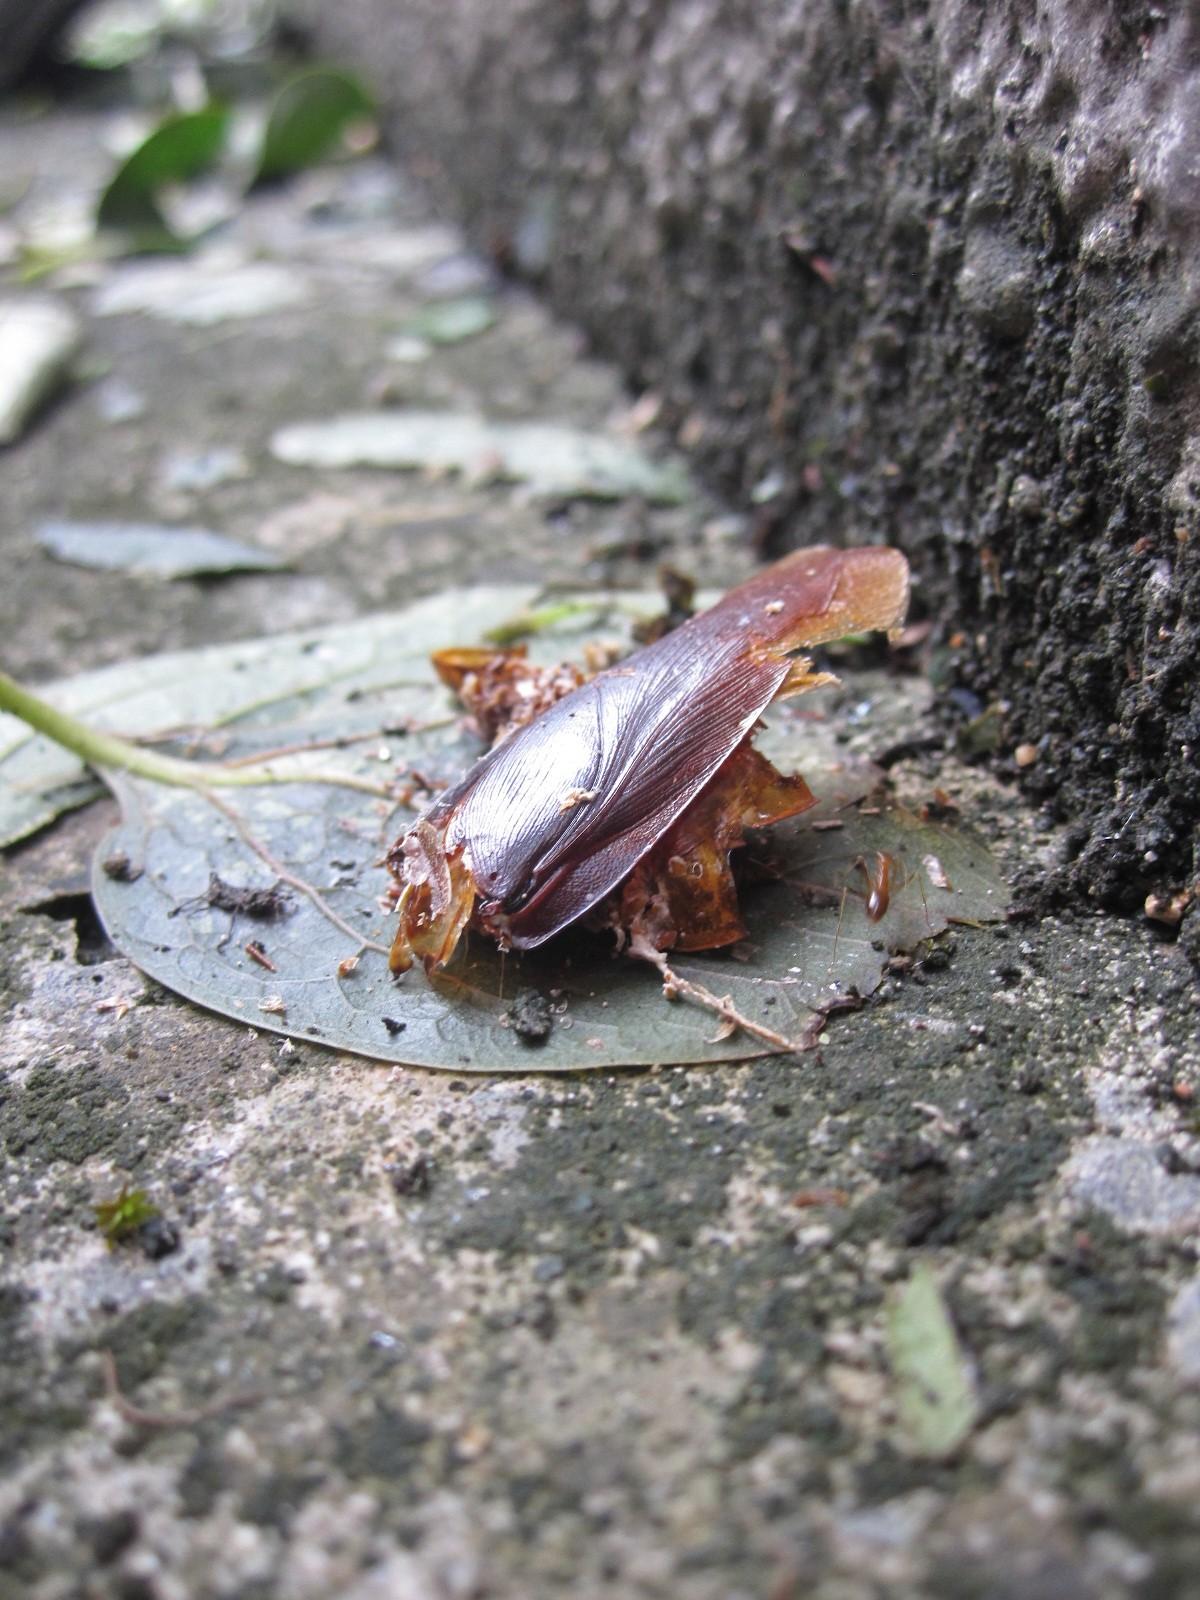 蟻が解体を進めるワモンゴキブリの死骸